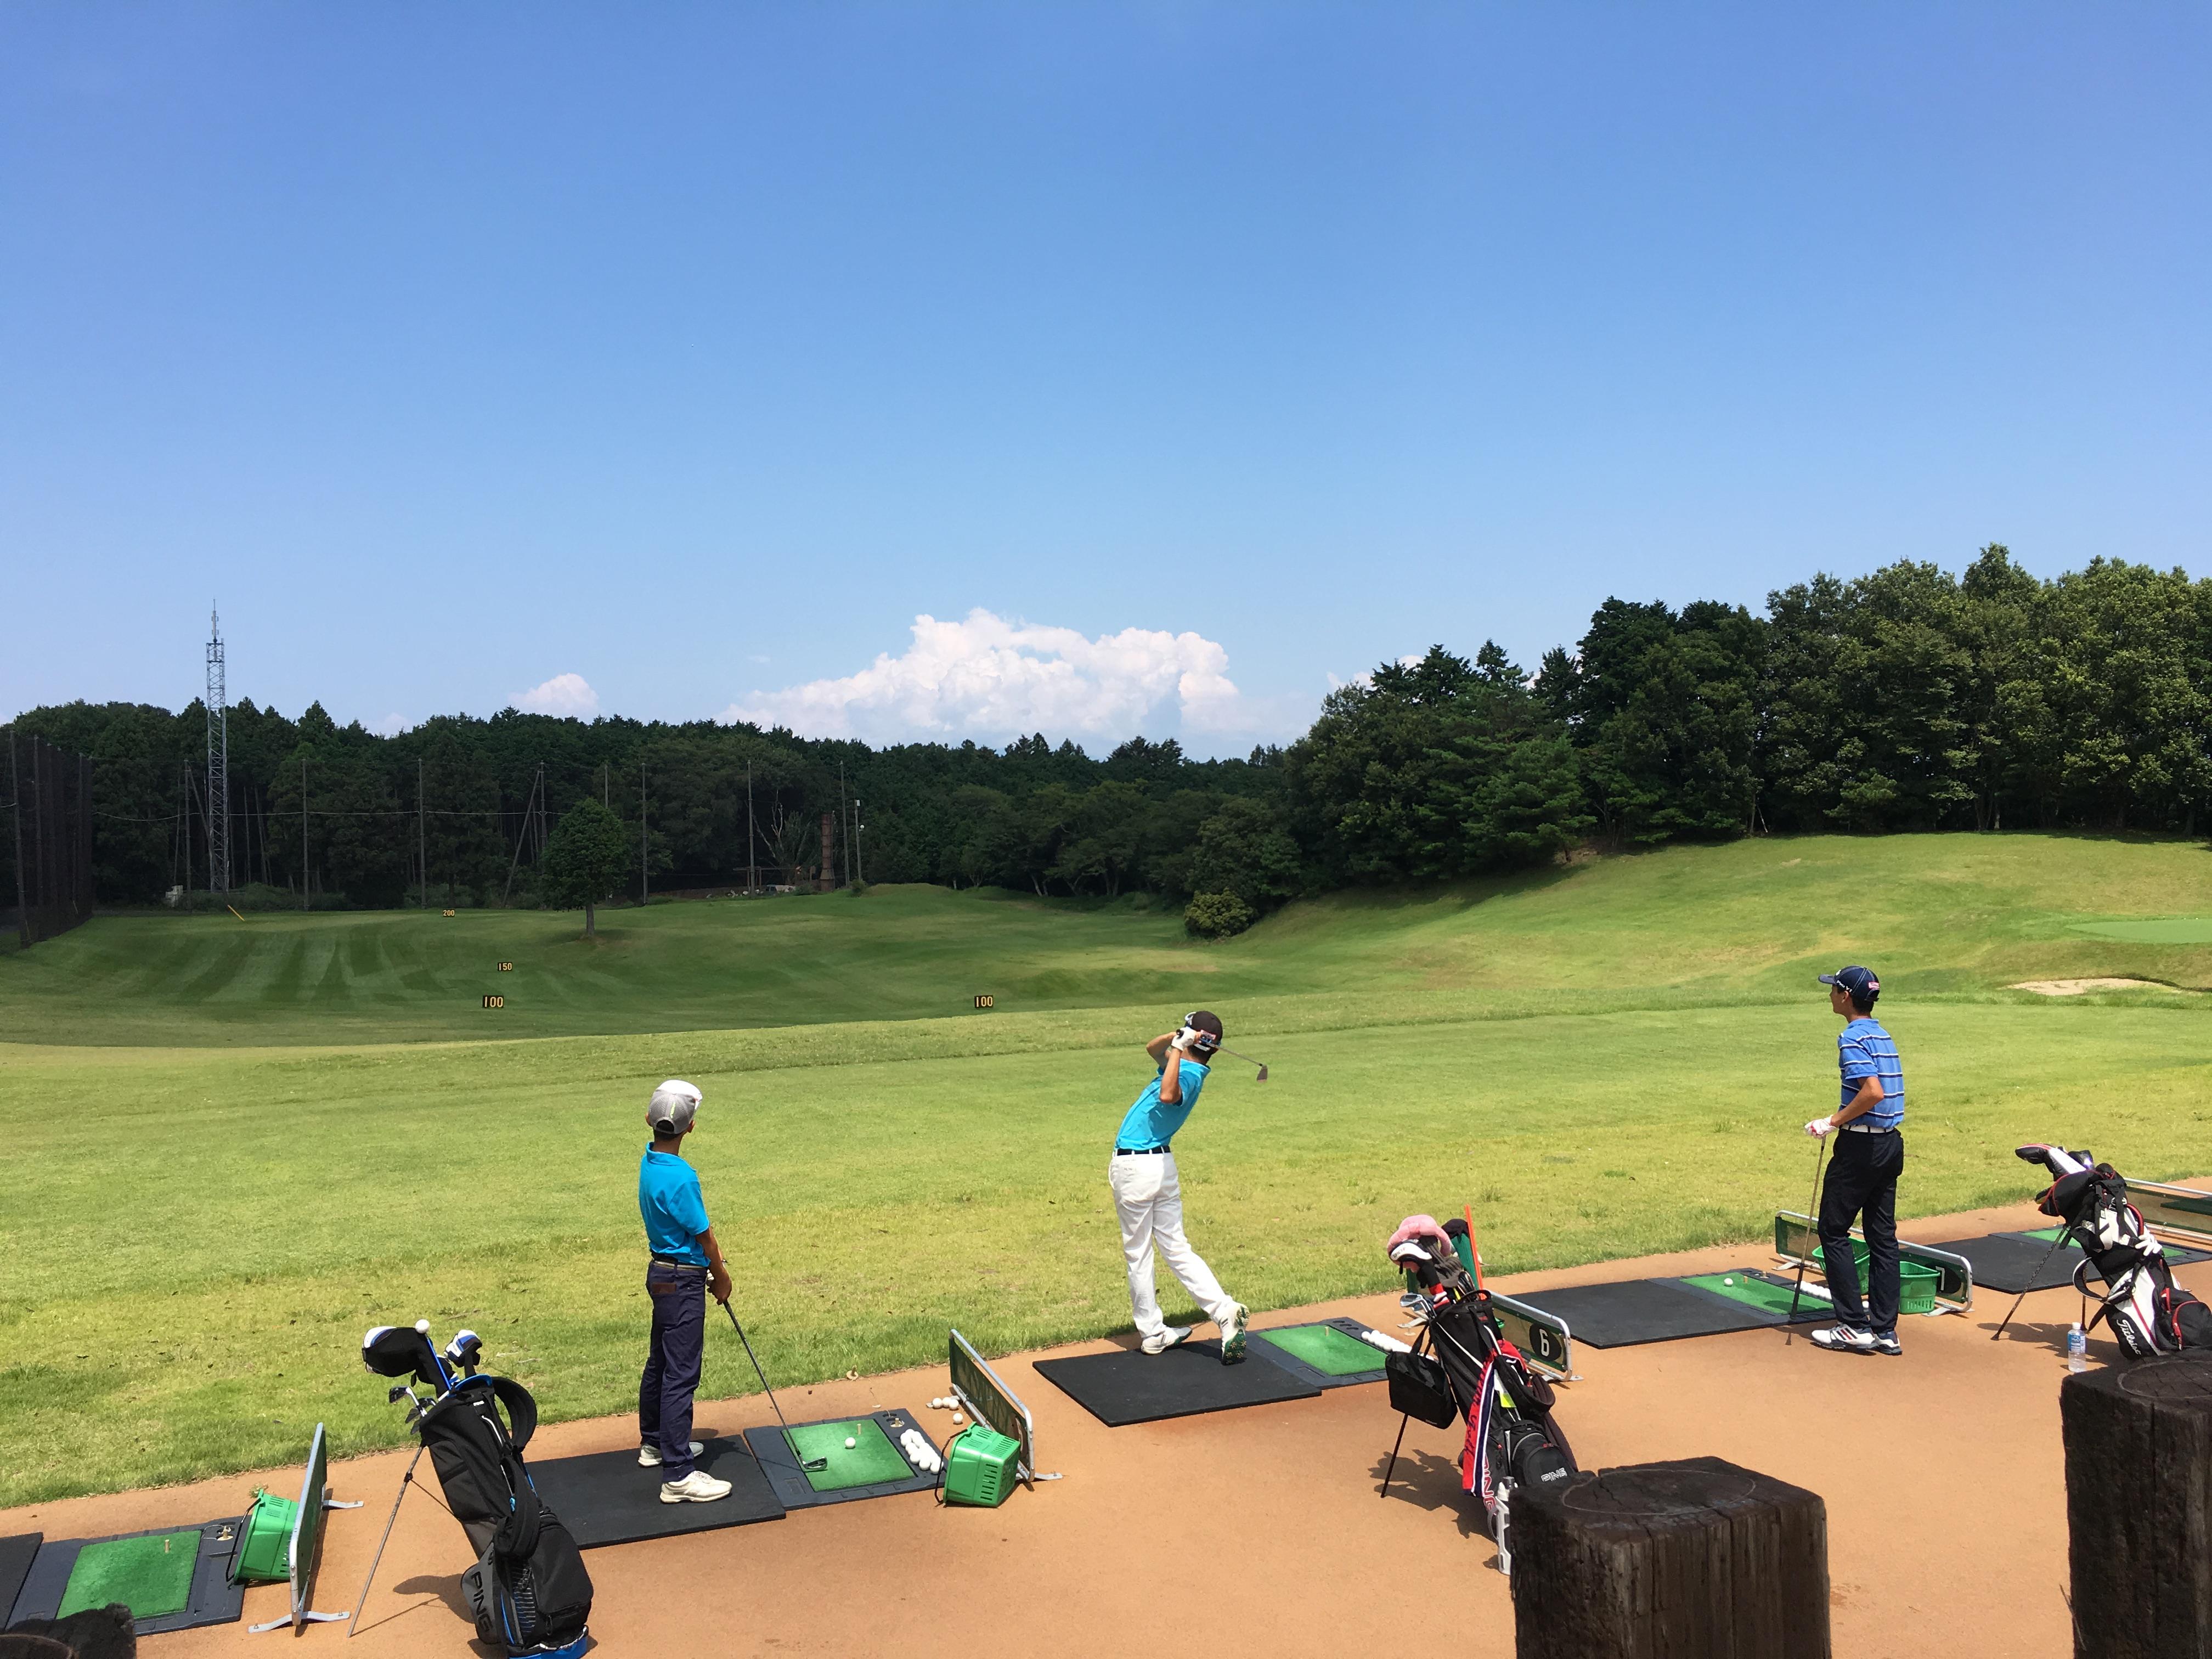 ジュニアゴルフスクール,ジュニアゴルフレッスン,神奈川、ジュニアラウンドレッスン